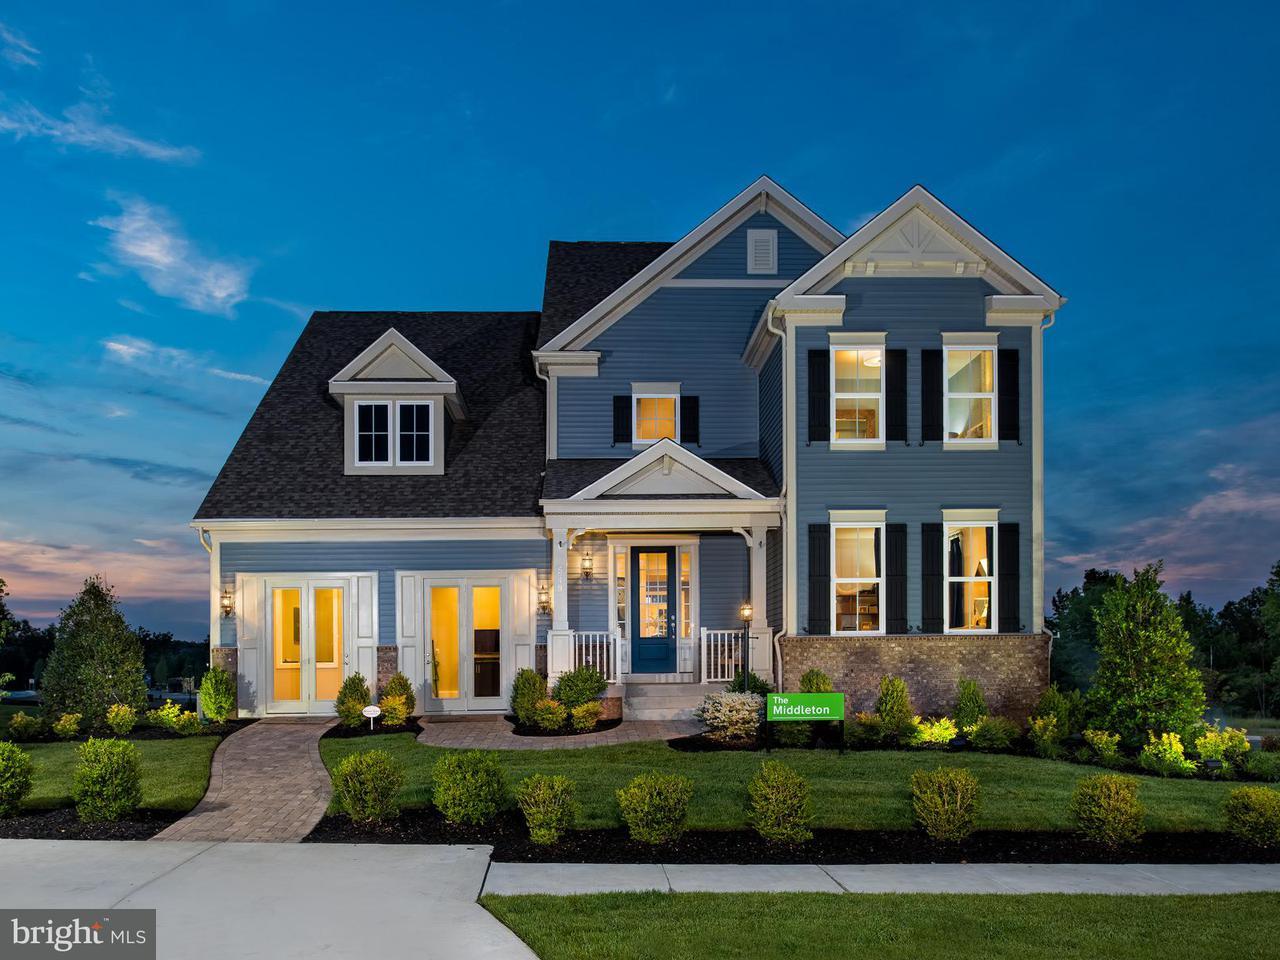 Casa Unifamiliar por un Venta en 549 Apricot Drive 549 Apricot Drive Stafford, Virginia 22554 Estados Unidos